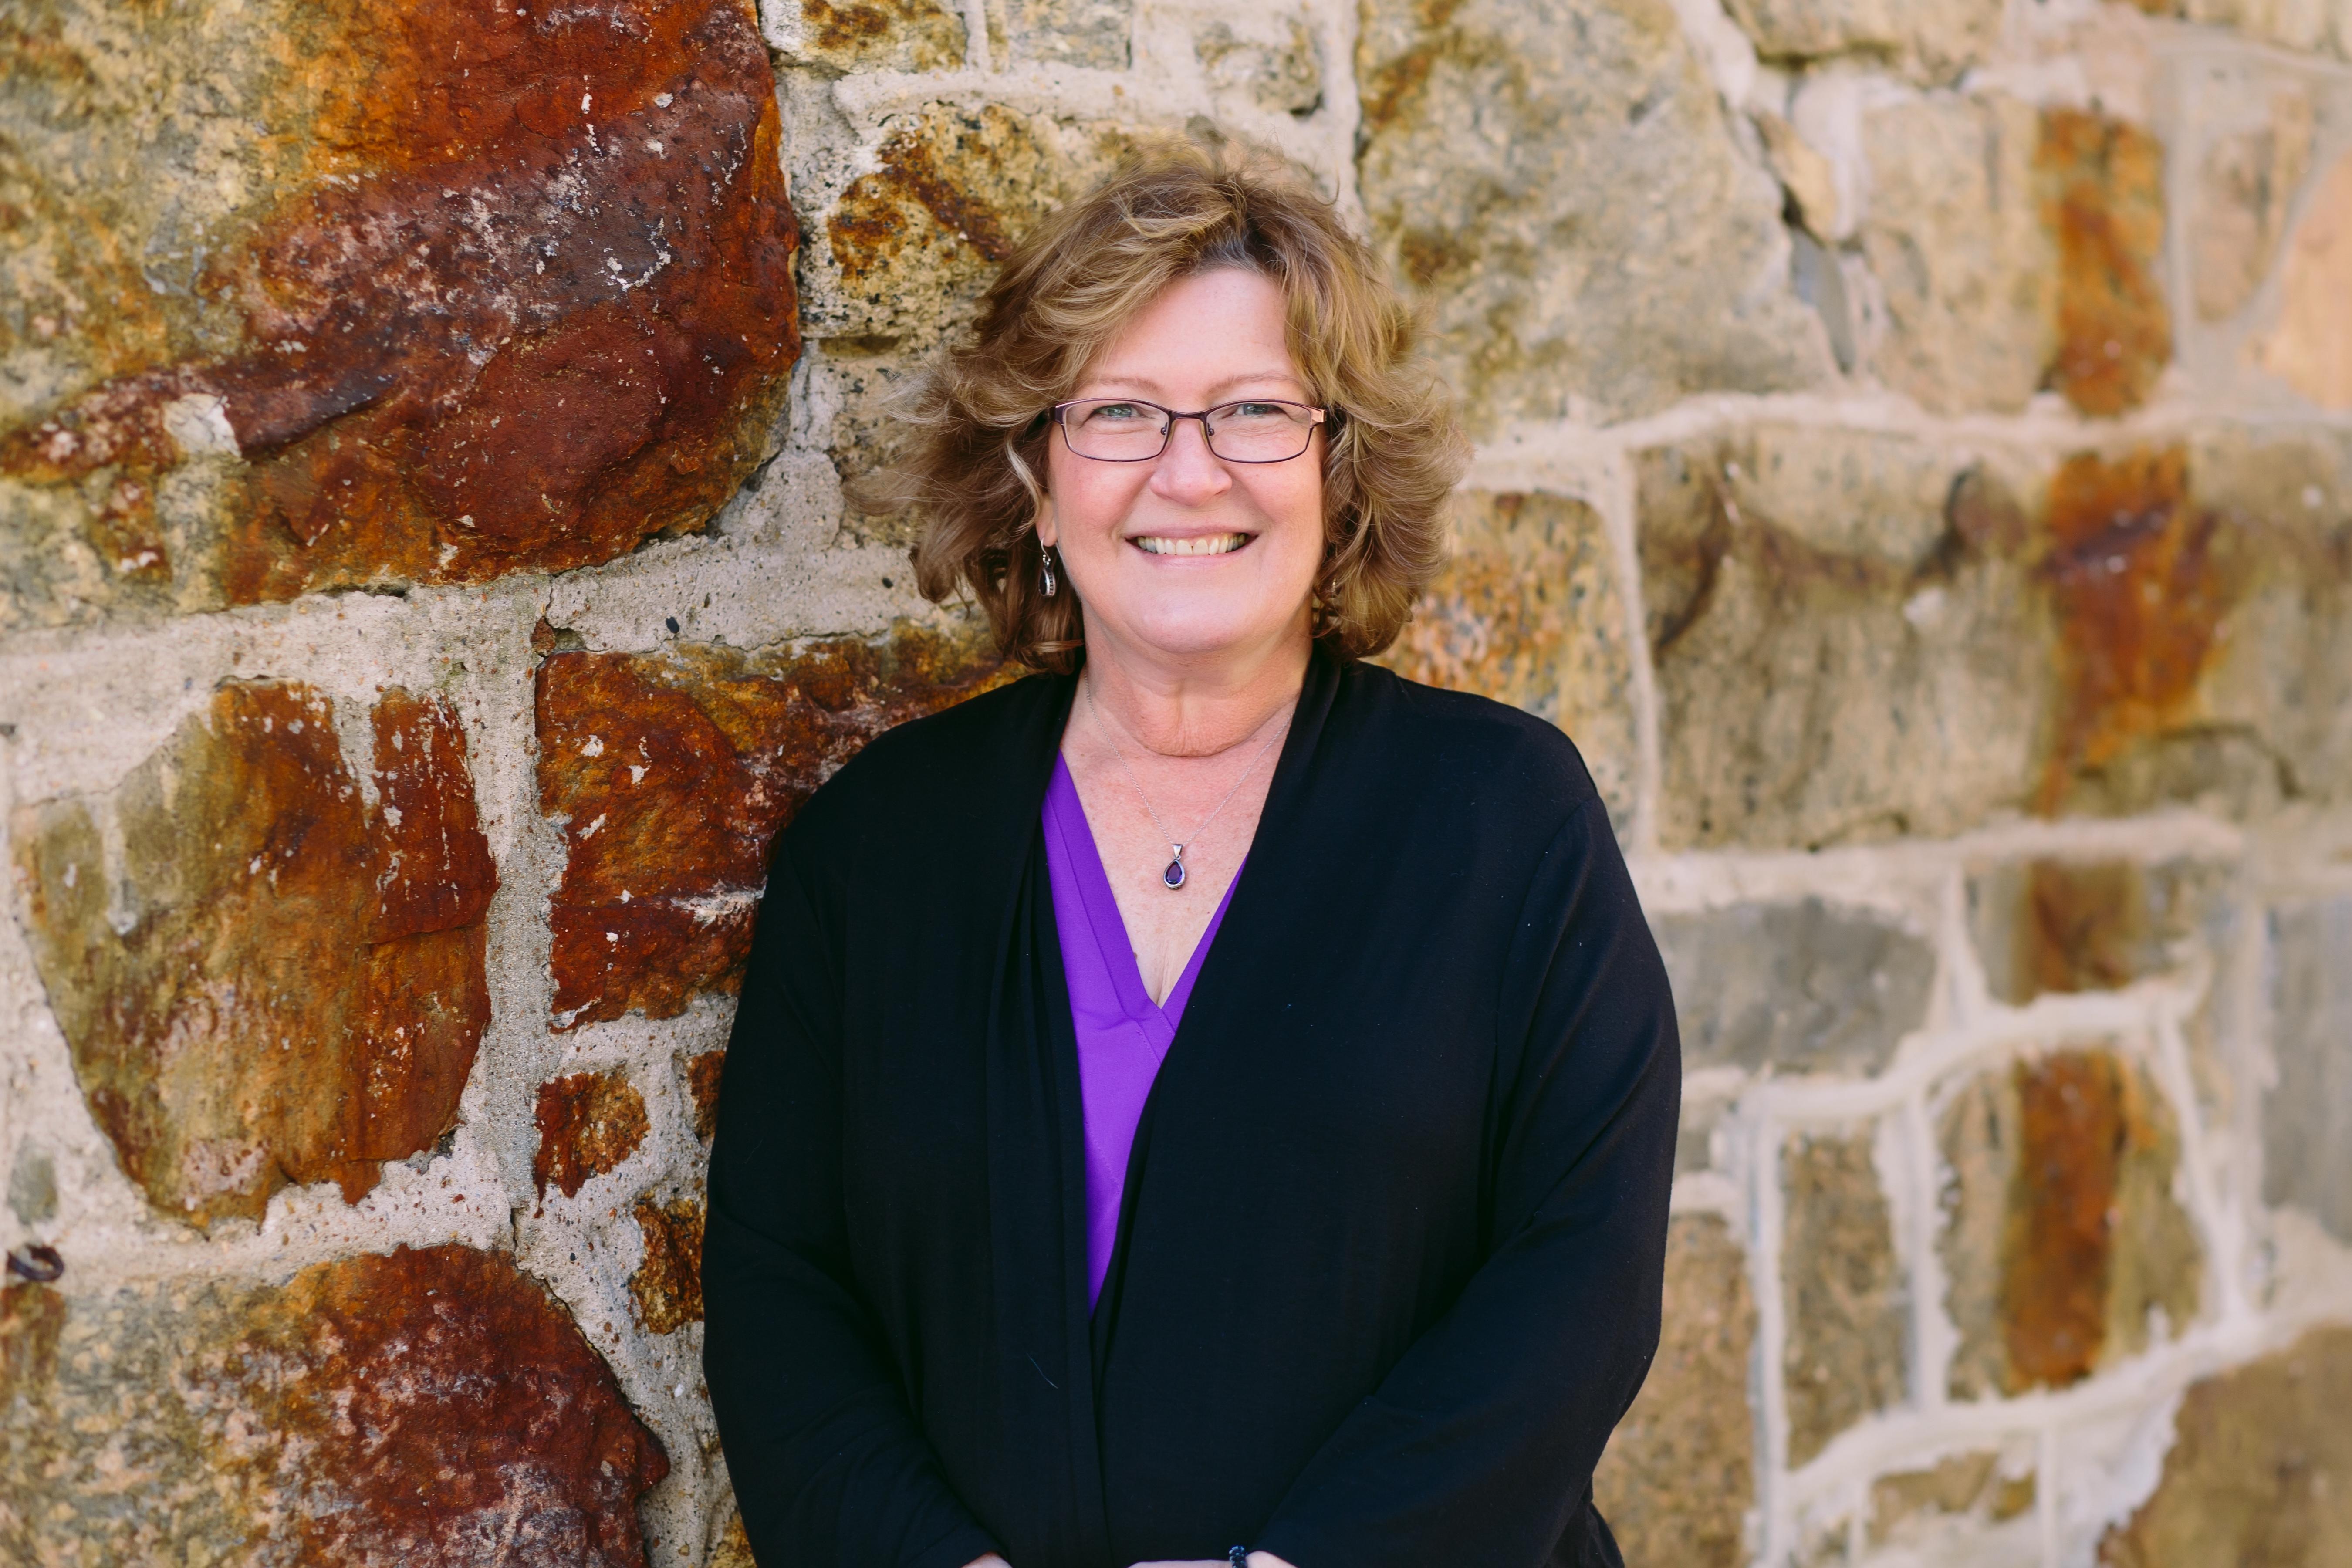 Betsy Palnik